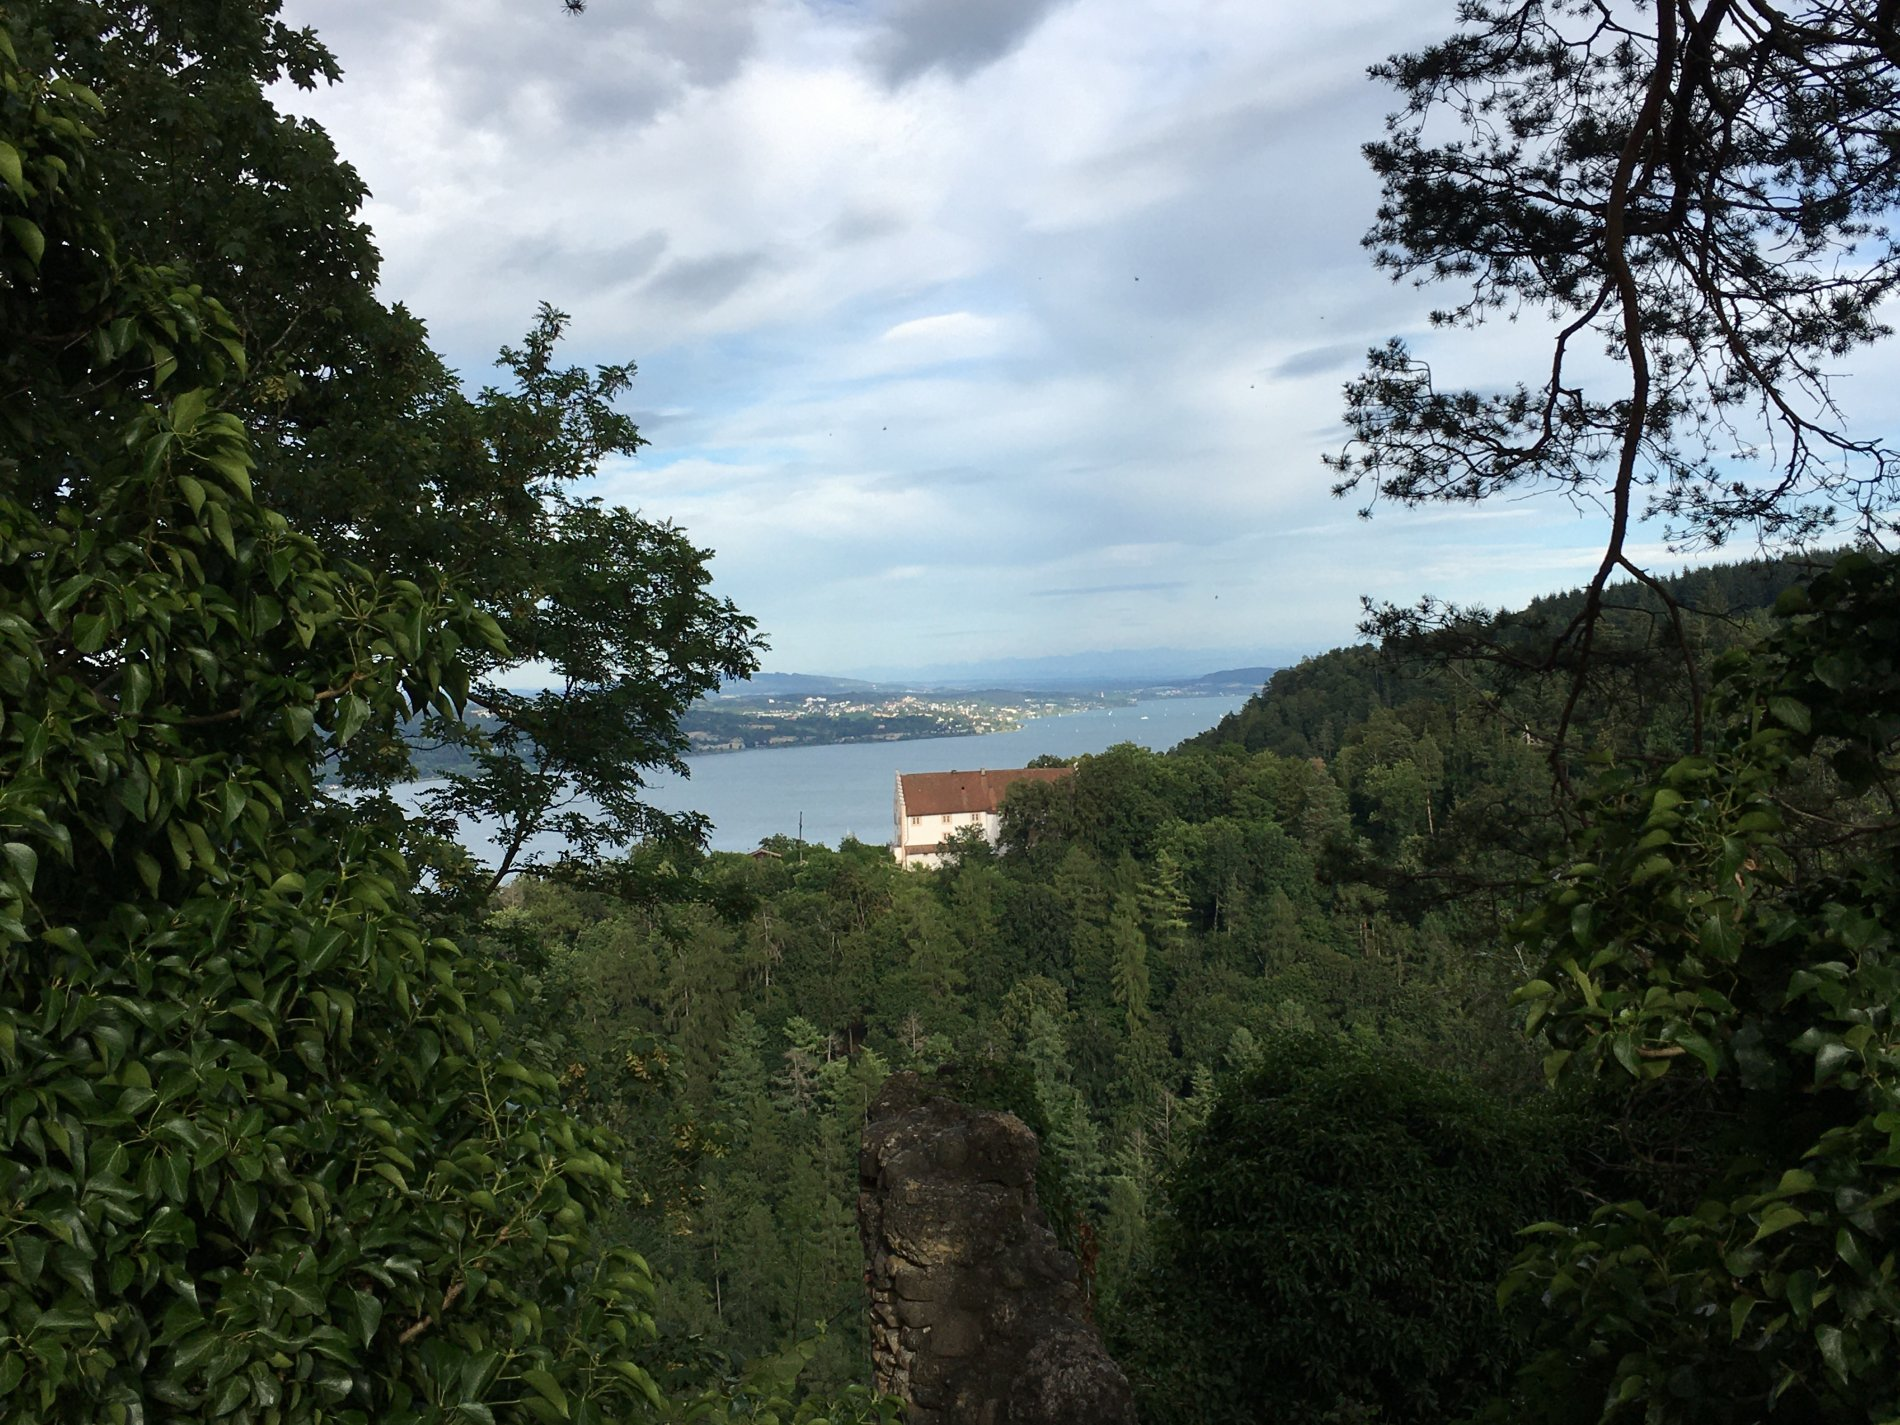 Blick auf das Kloster Frauenberg